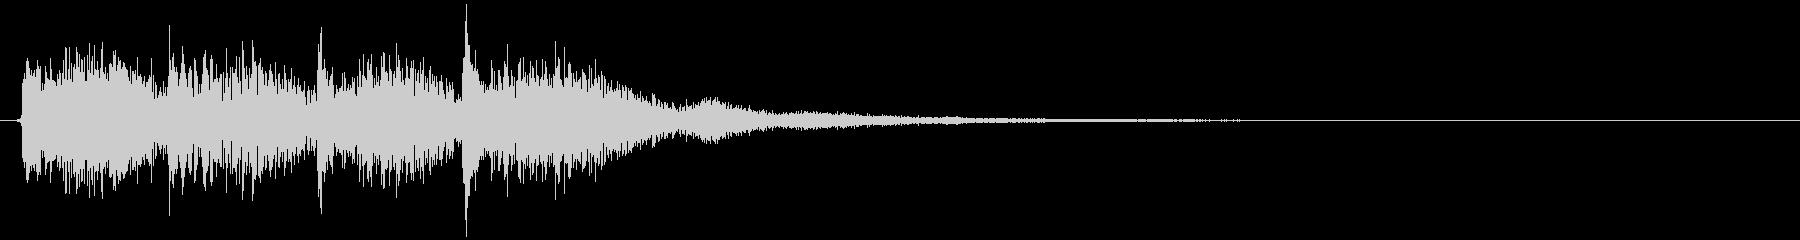 しっかりしたポジティブジングル(早め)1の未再生の波形